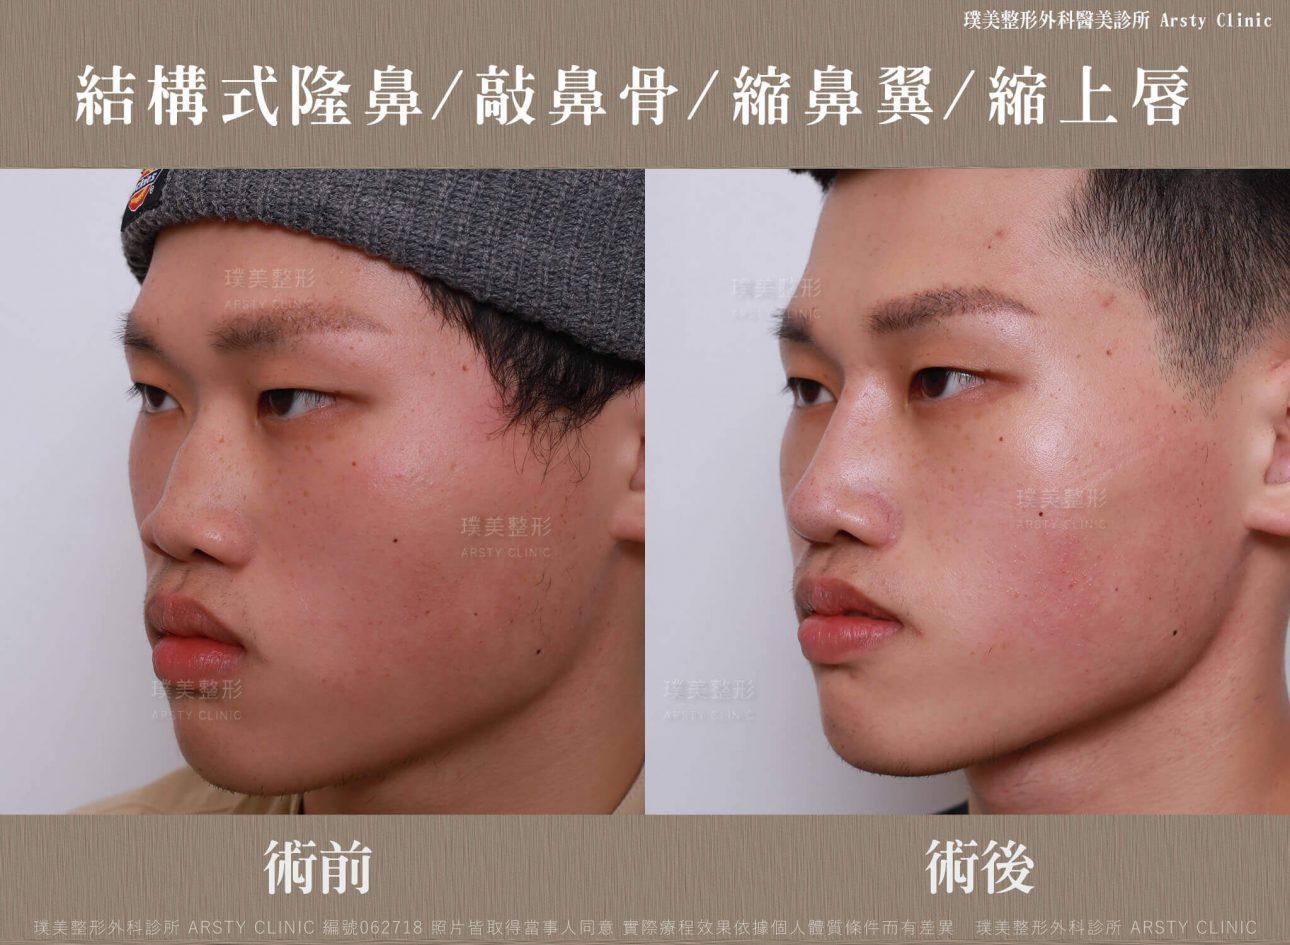 結構式隆鼻手術-縮鼻翼-敲鼻骨-縮上唇-062718-左45